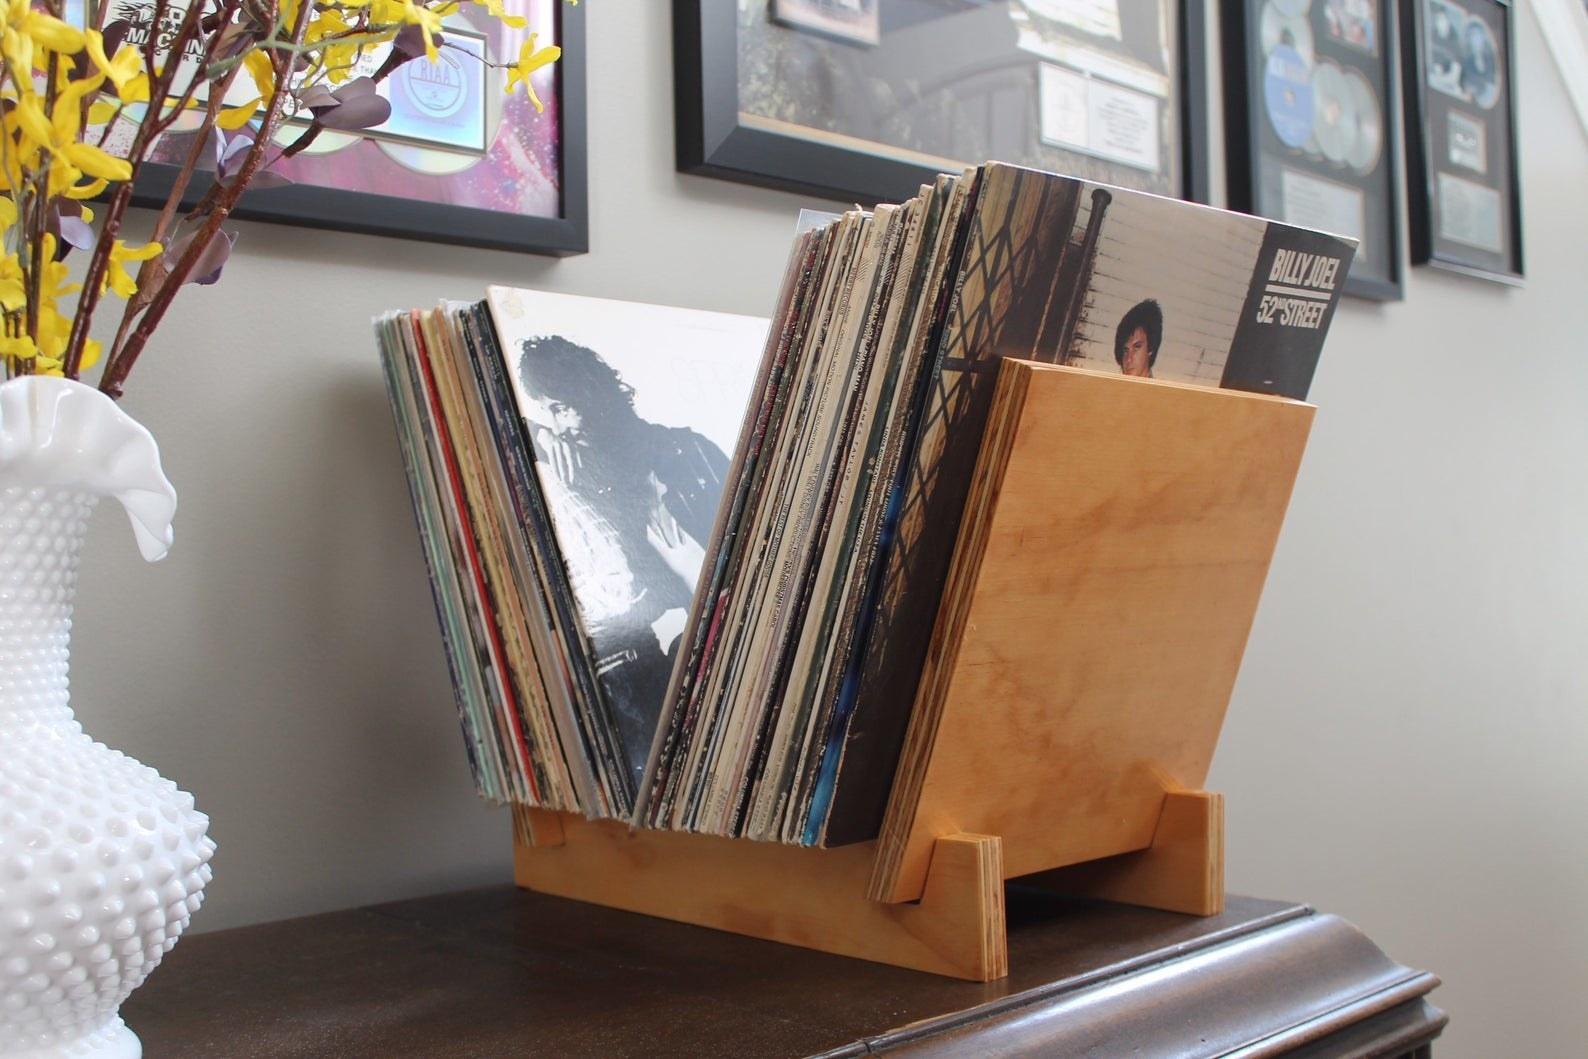 wooden vinyl holder with dozens of vinyls in it